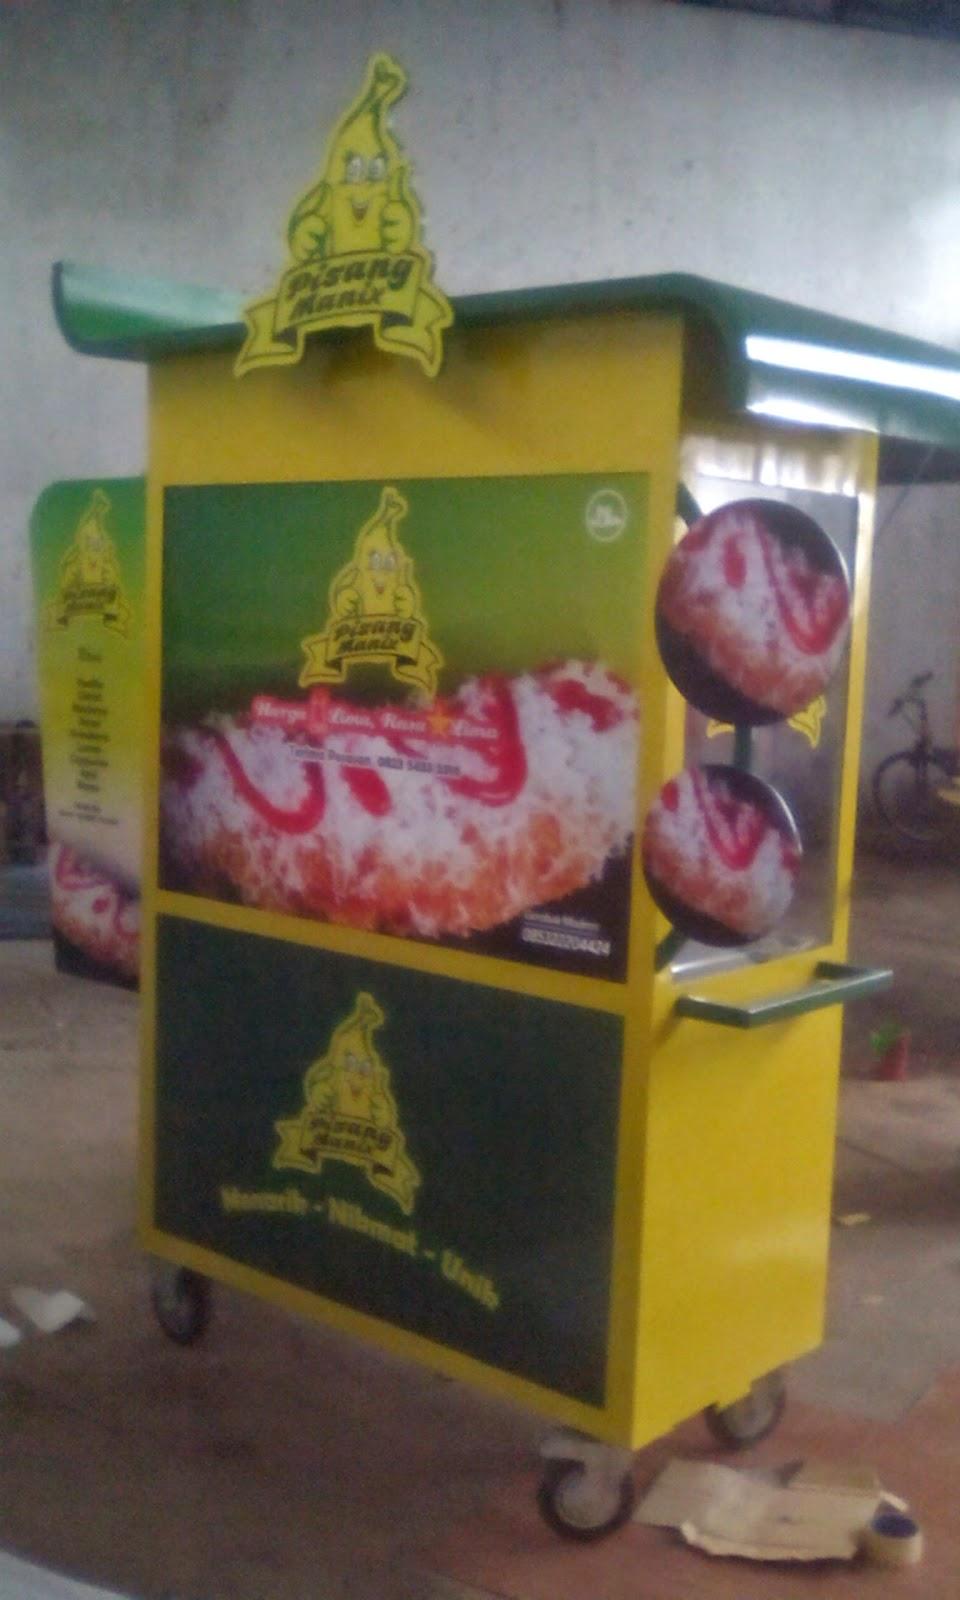 GEROBAK MODERN: gerobak pisang goreng